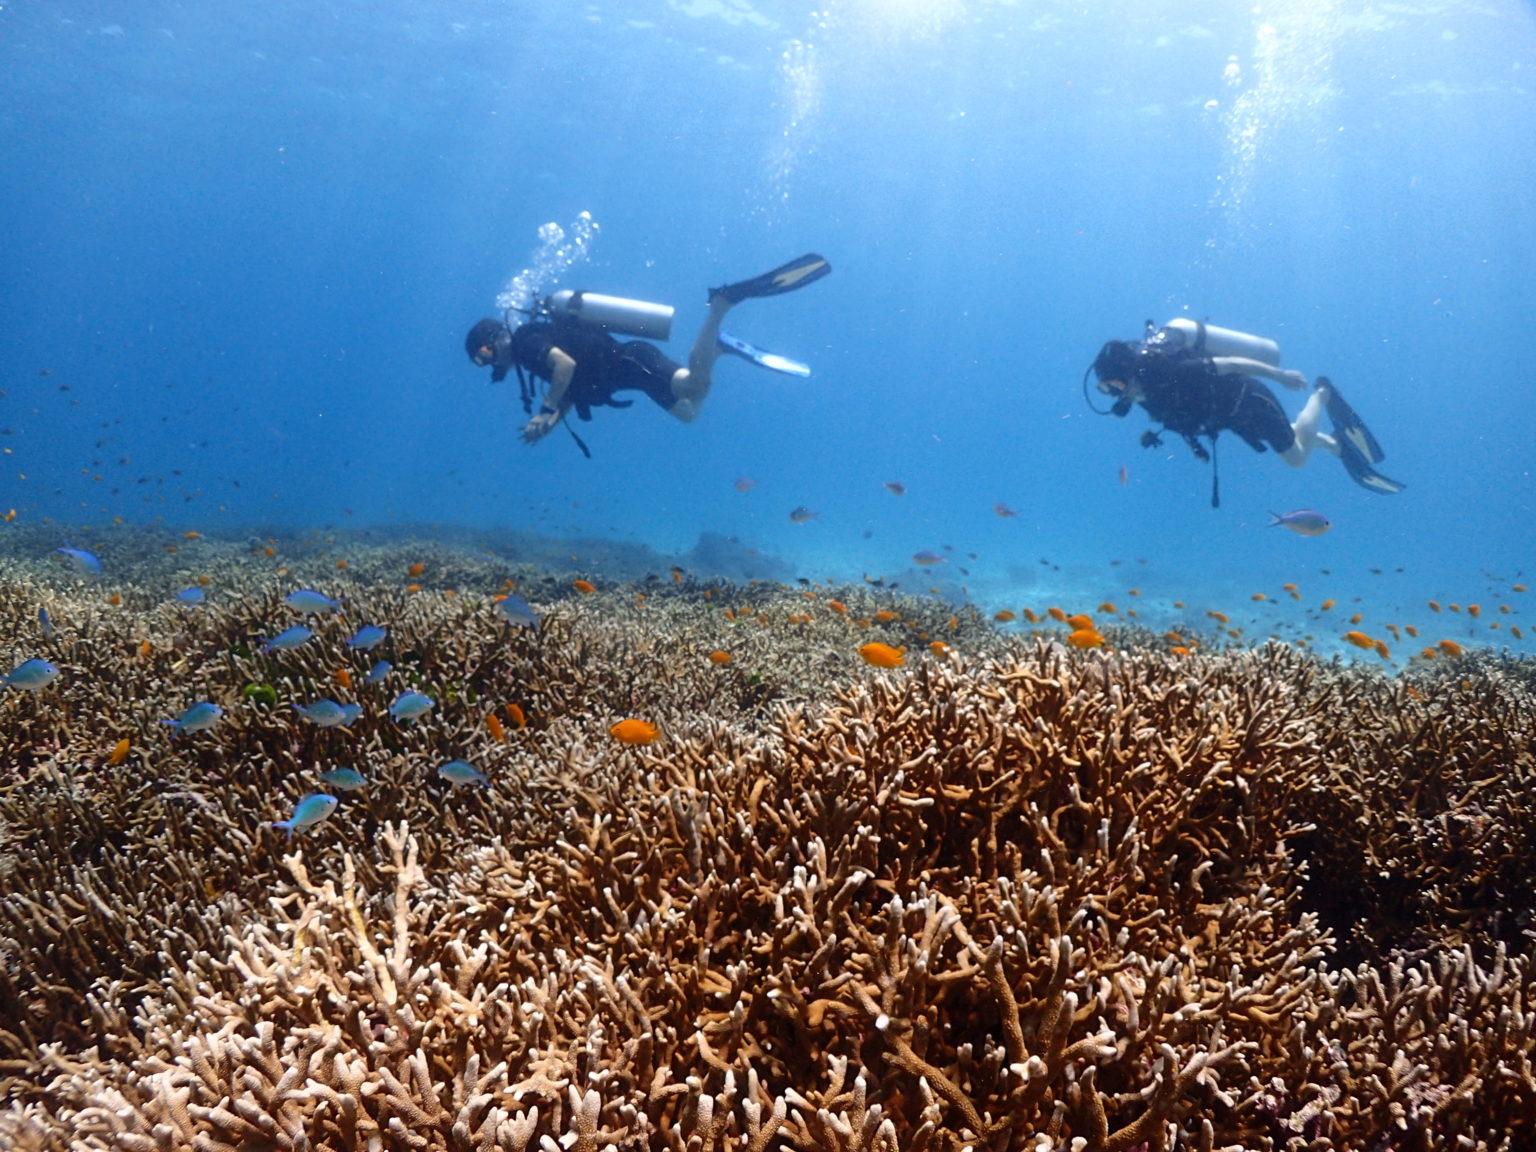 サンゴ礁と泳ぐダイバー